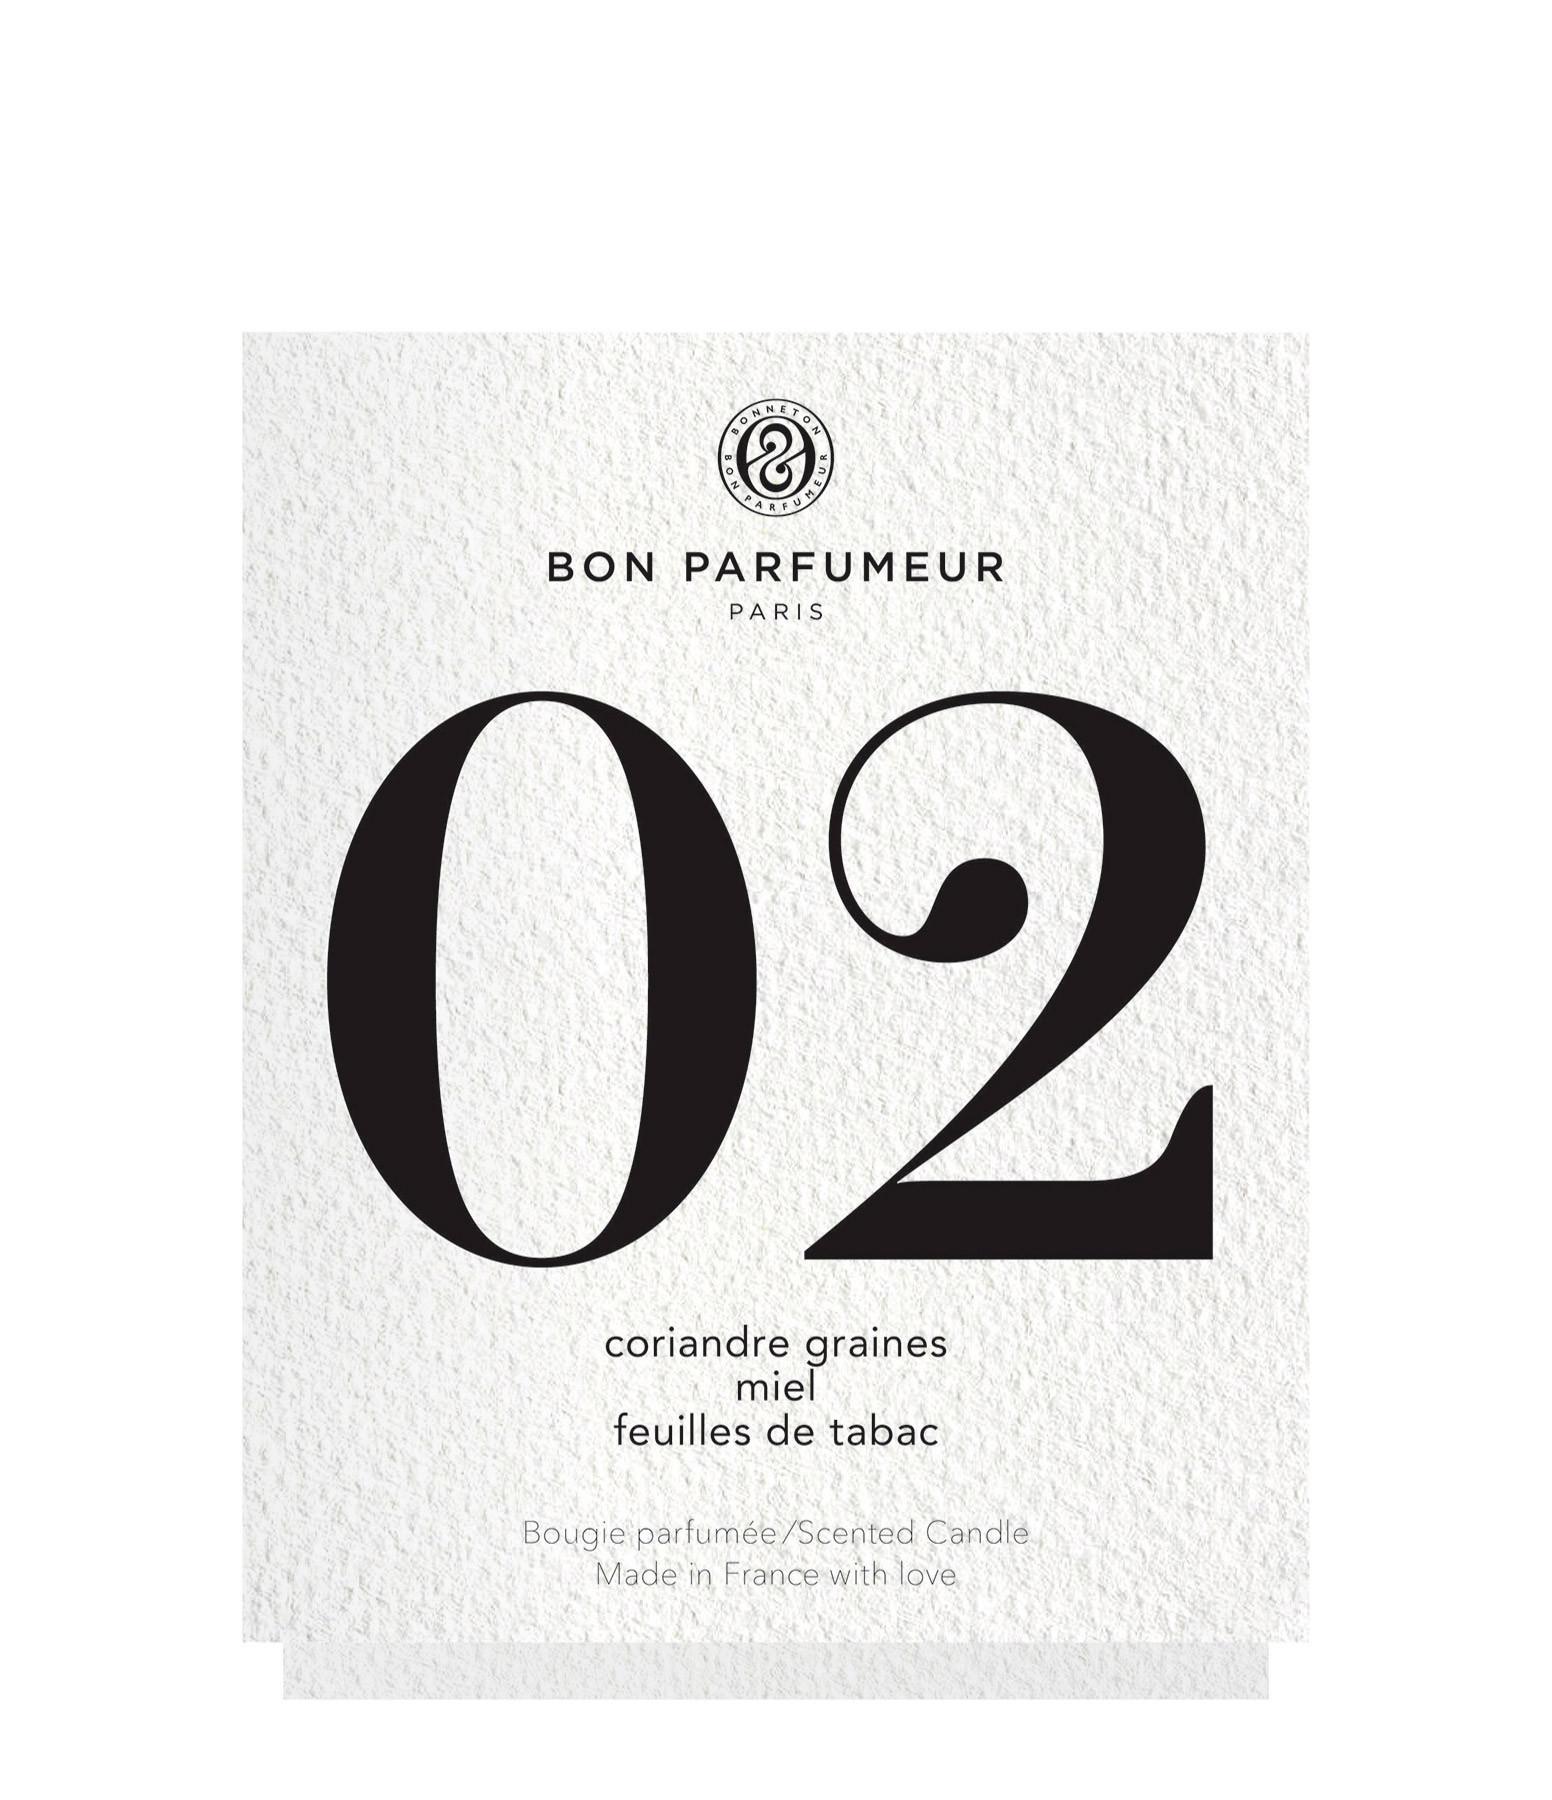 BON PARFUMEUR - Bougie #02 Graine de coriandre, Miel, Feuille de Tabac